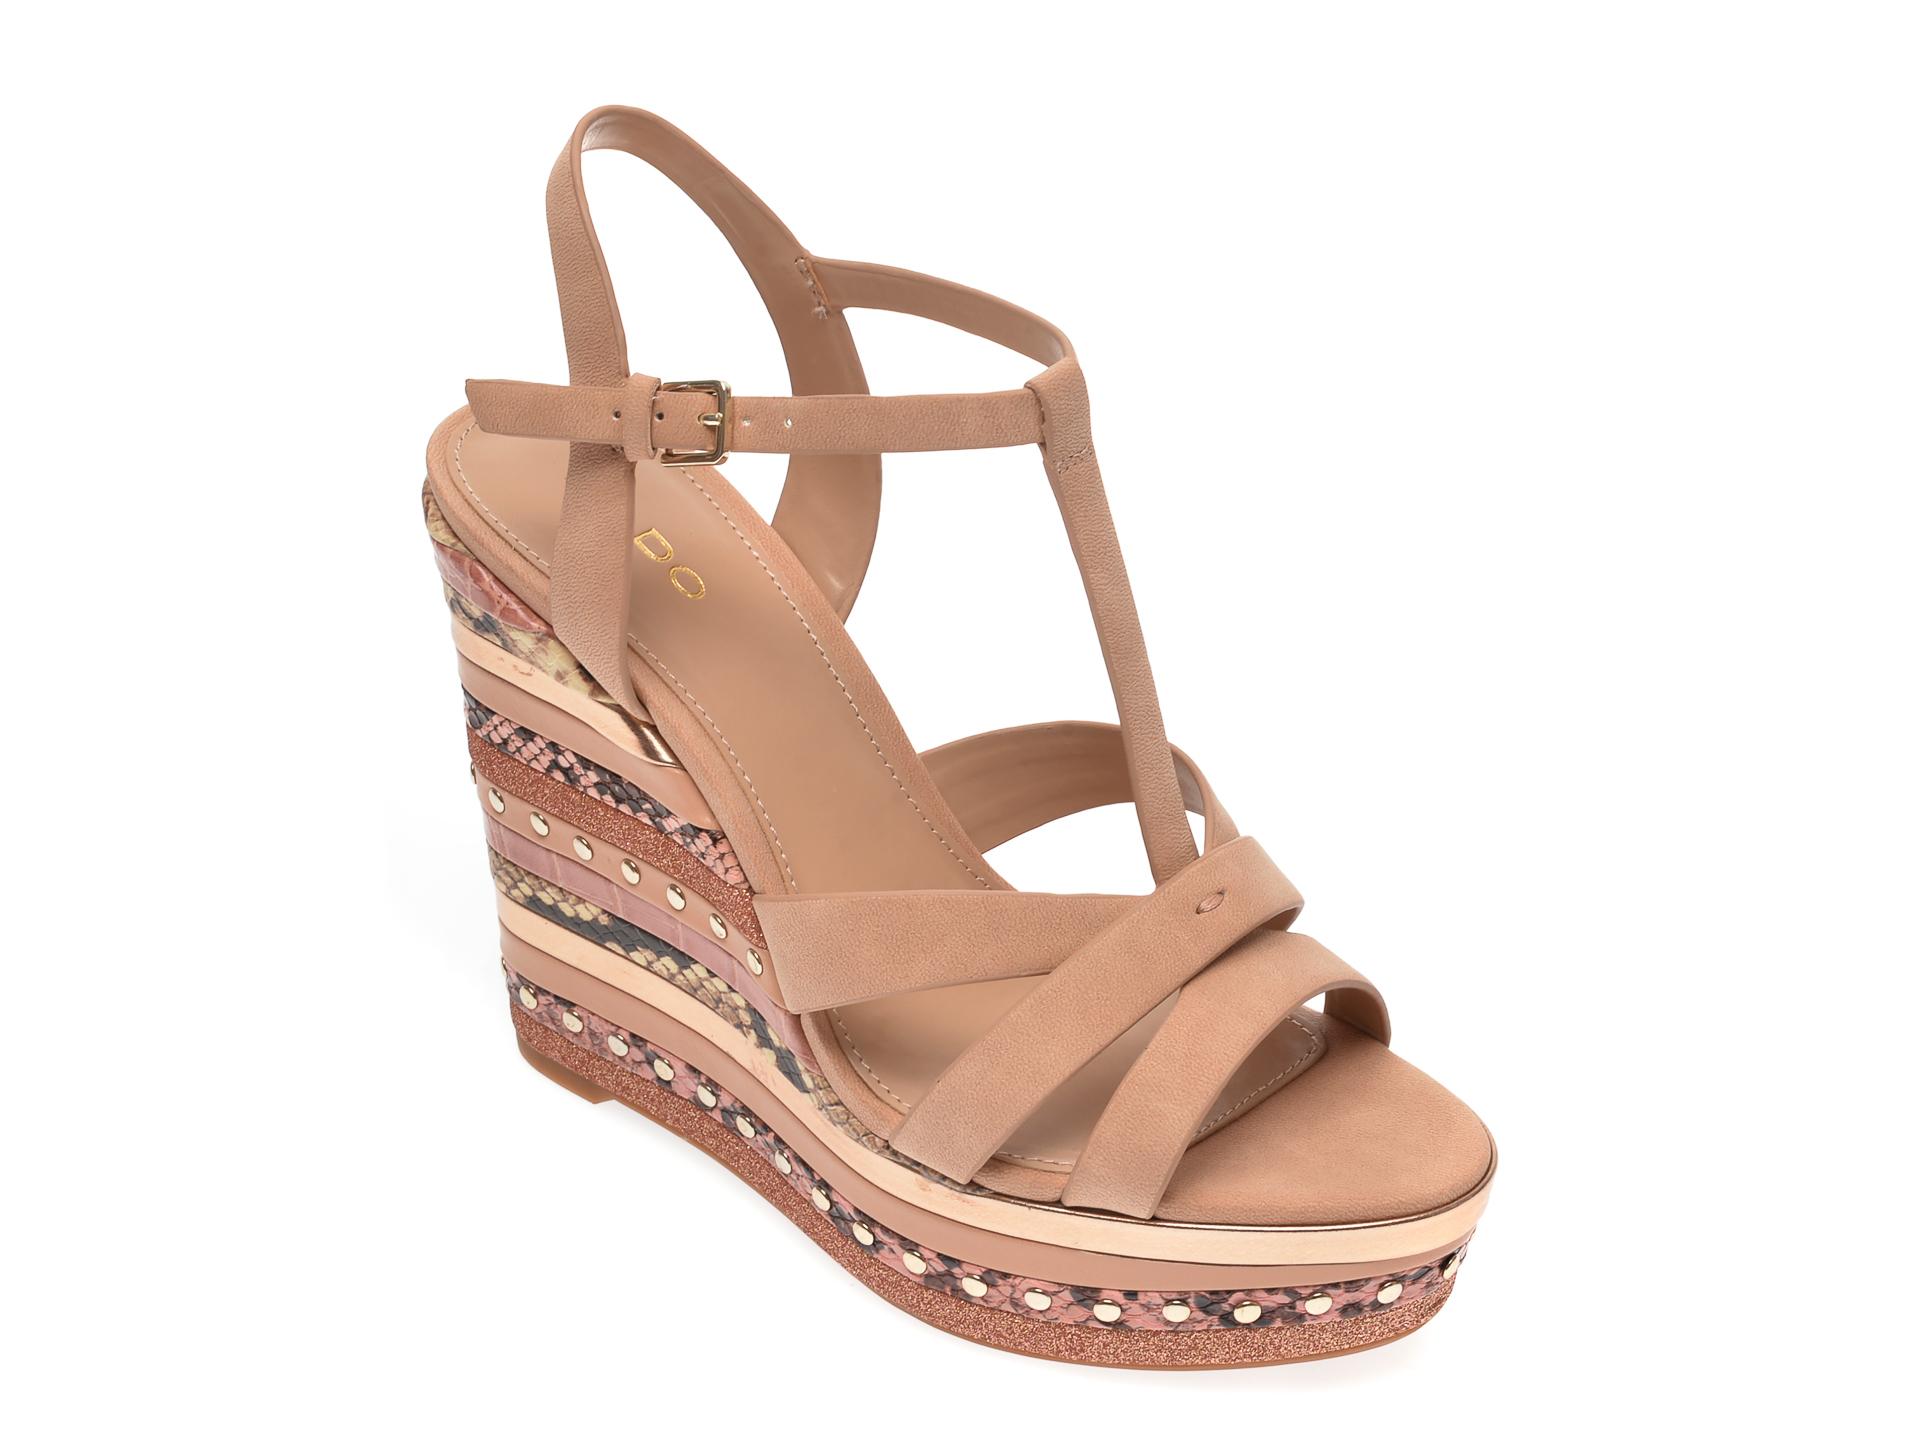 Sandale ALDO nude, Nydaycia240, din piele ecologica imagine